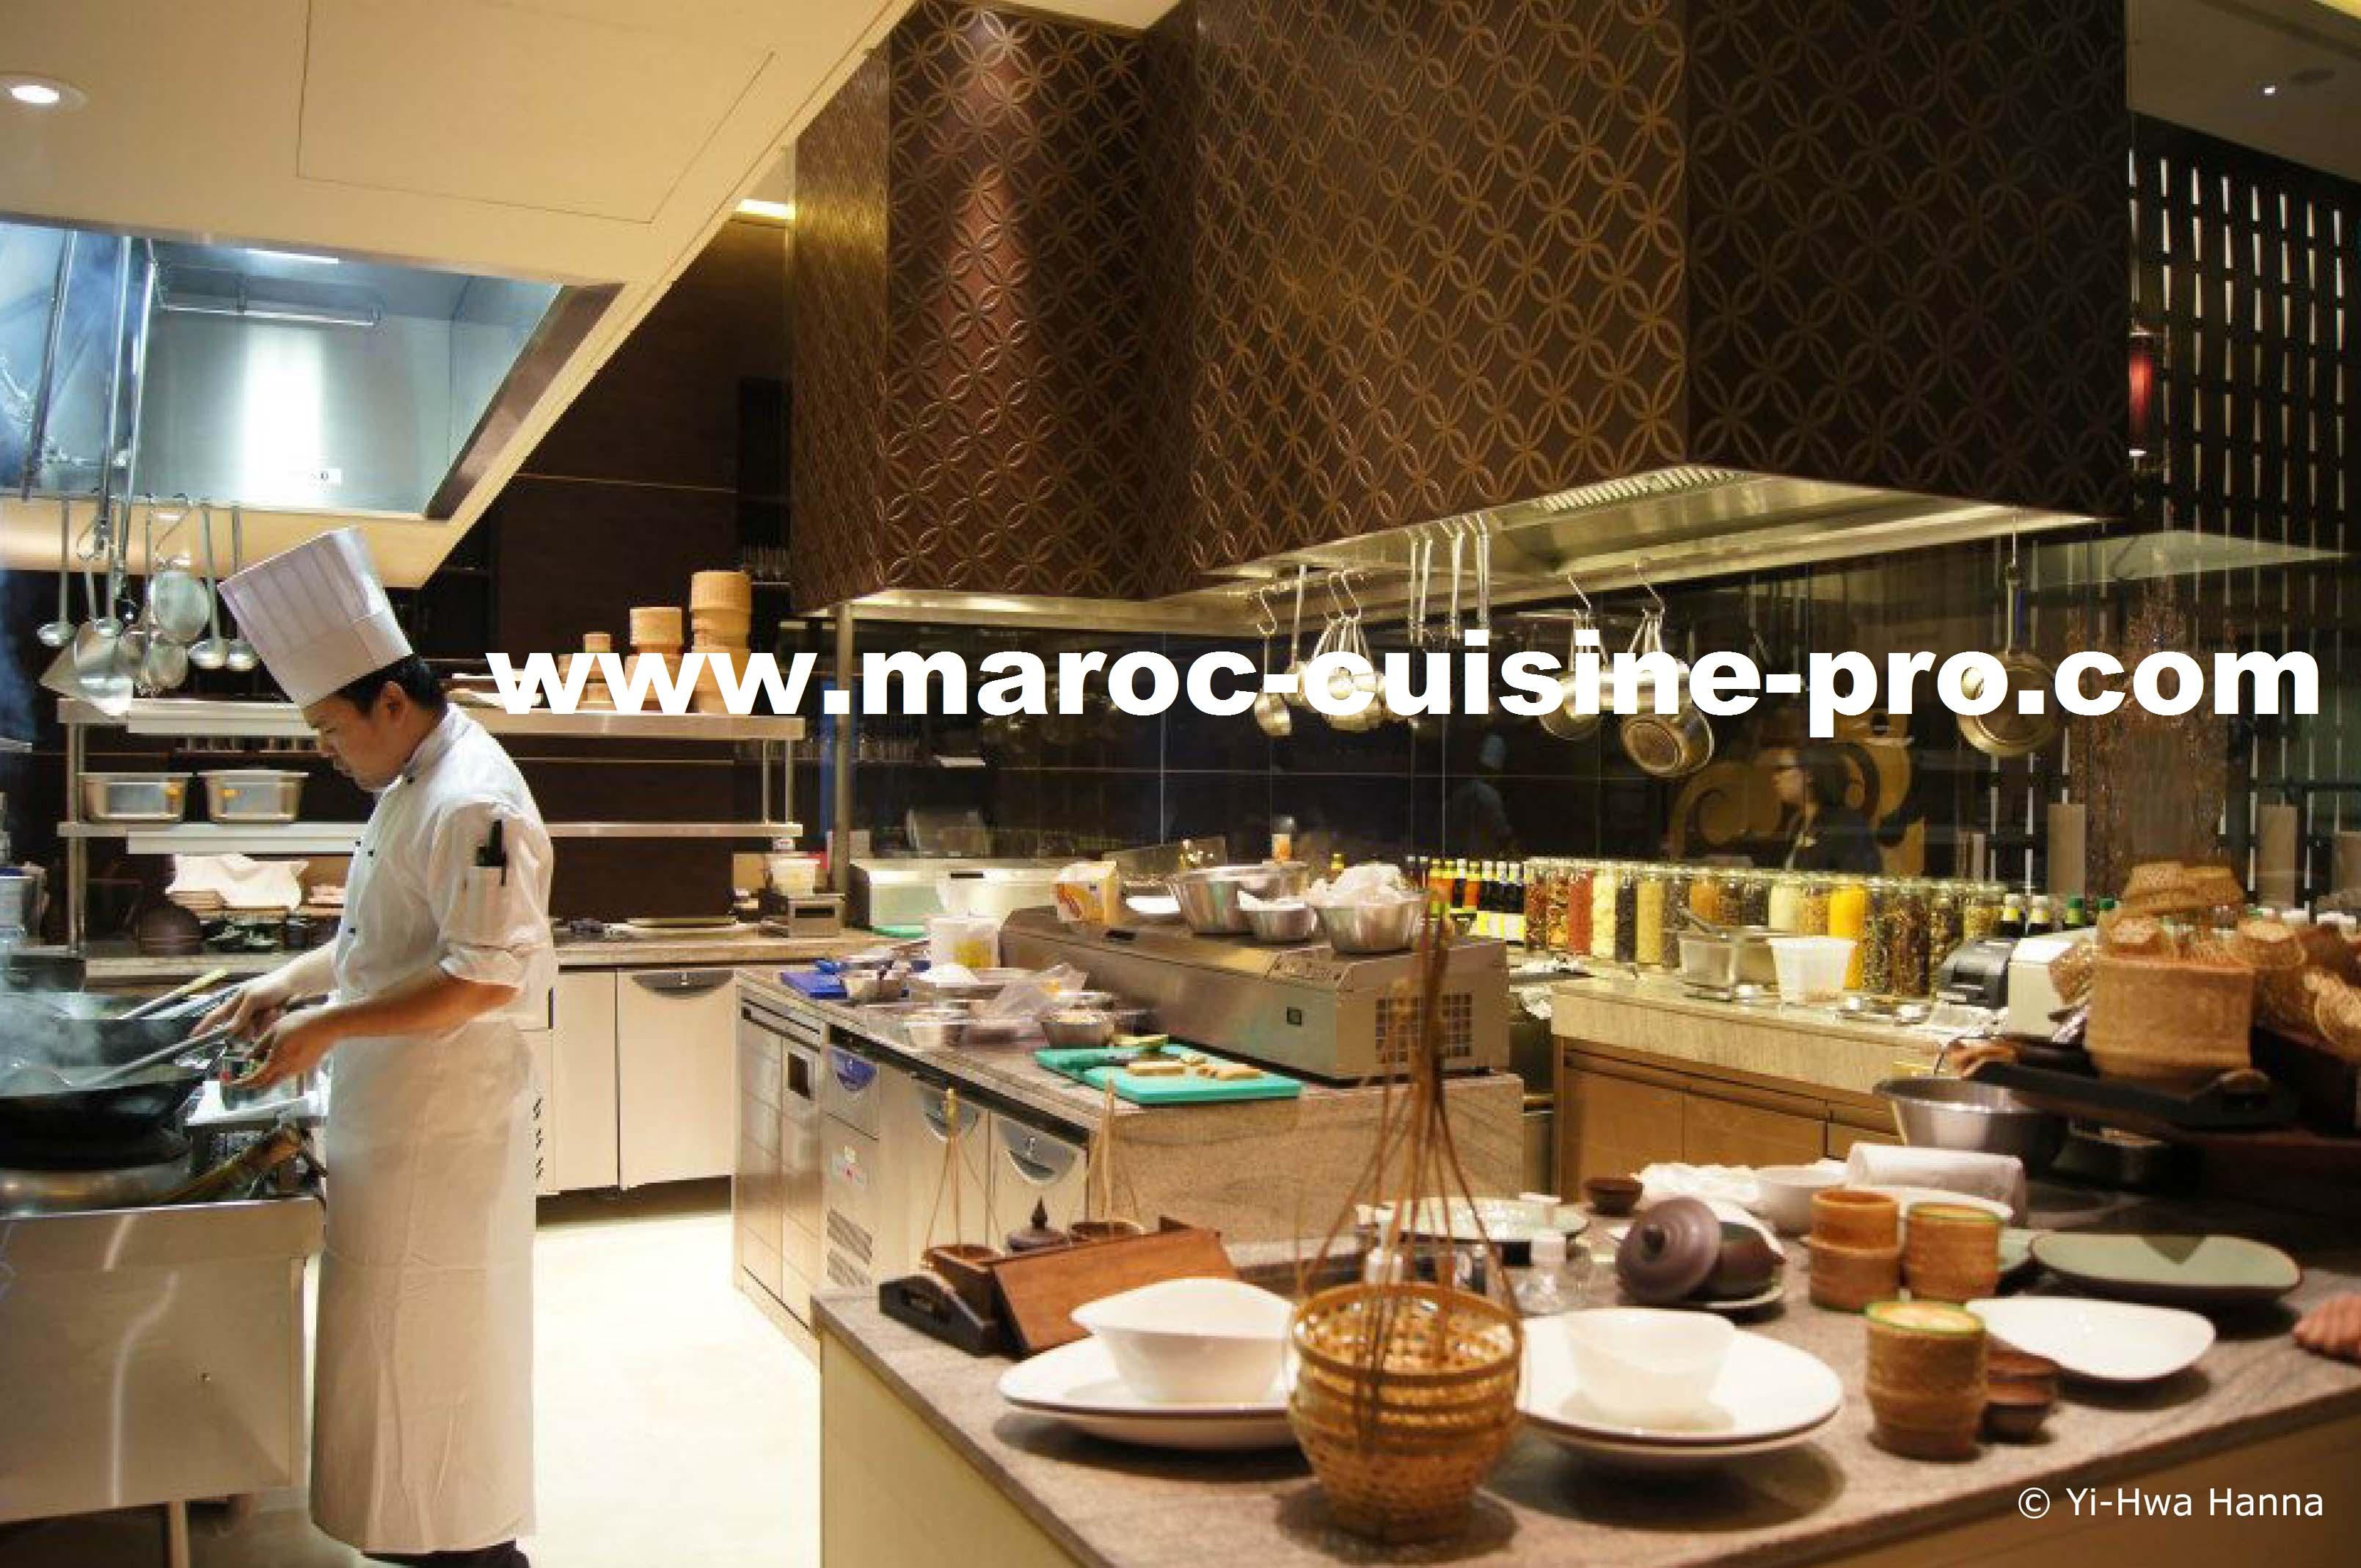 Quipement de cuisine pro pour restaurants marrakech for Equipement cuisine restaurant